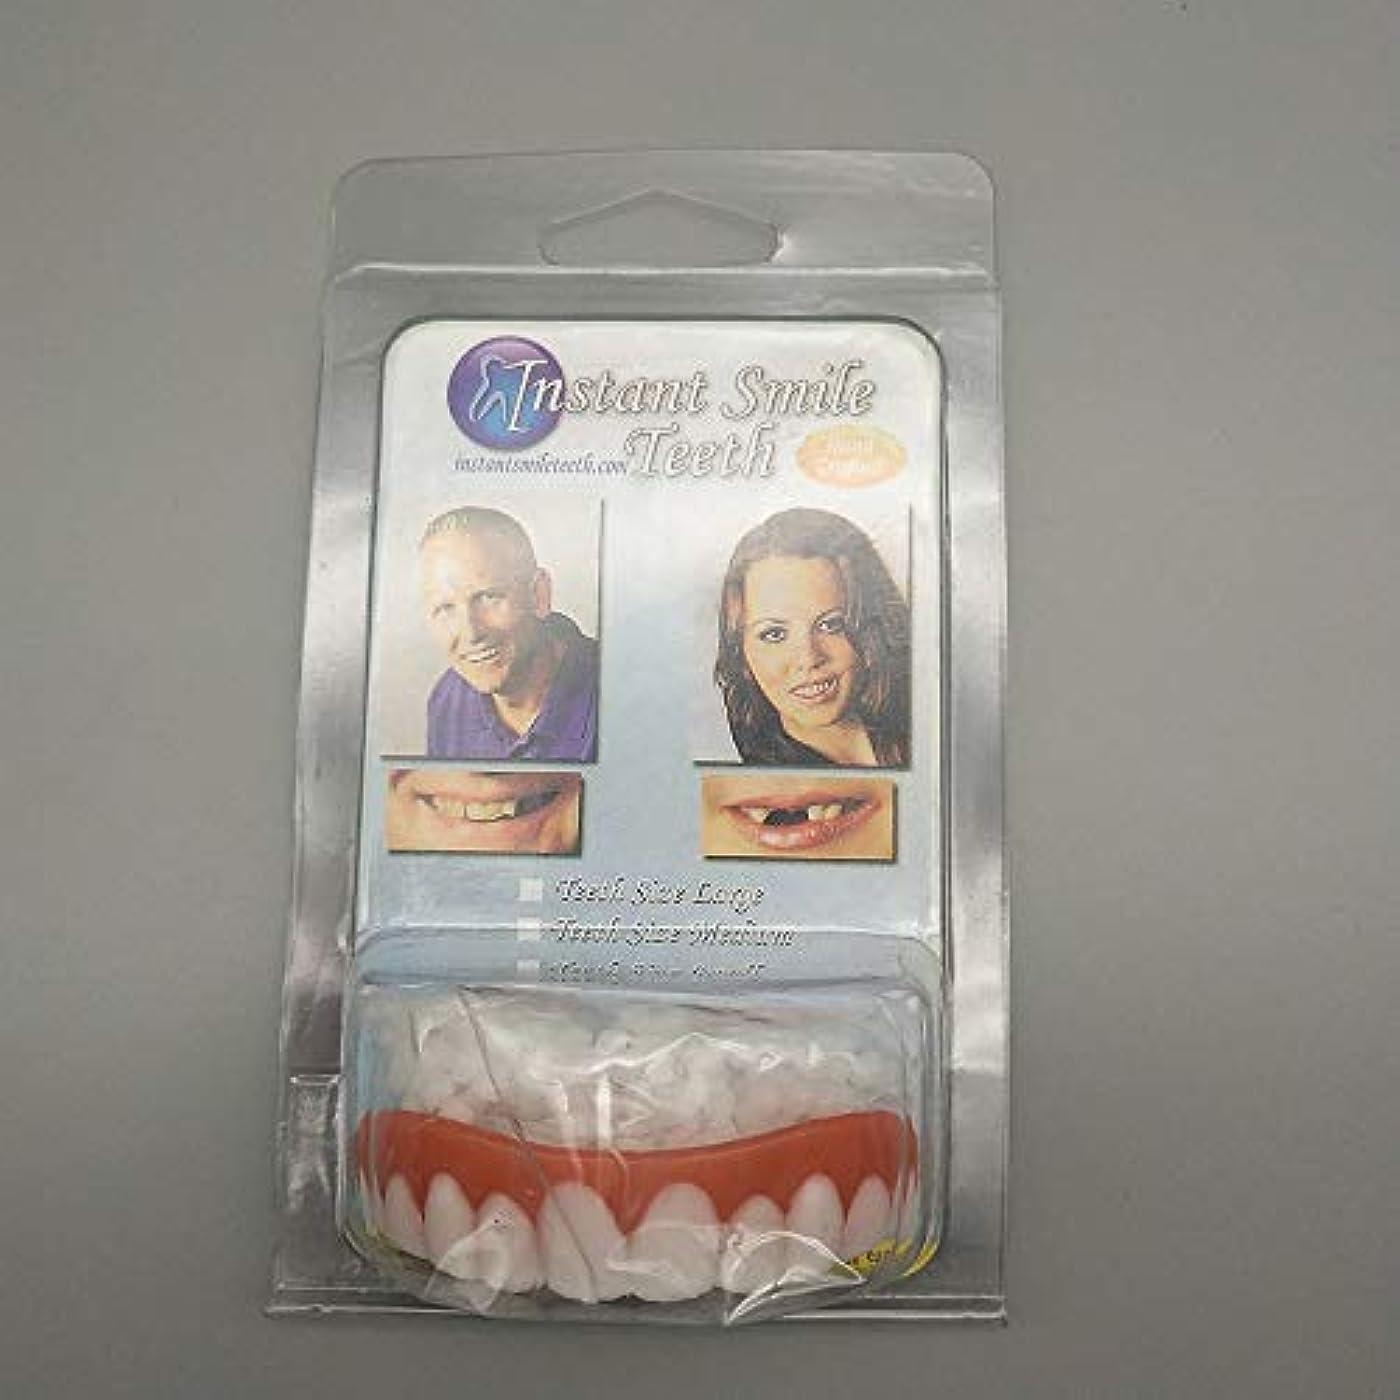 パース世界アリシリコーンシミュレーション歯ブレース、ホワイトニング義歯,Lower,OPP